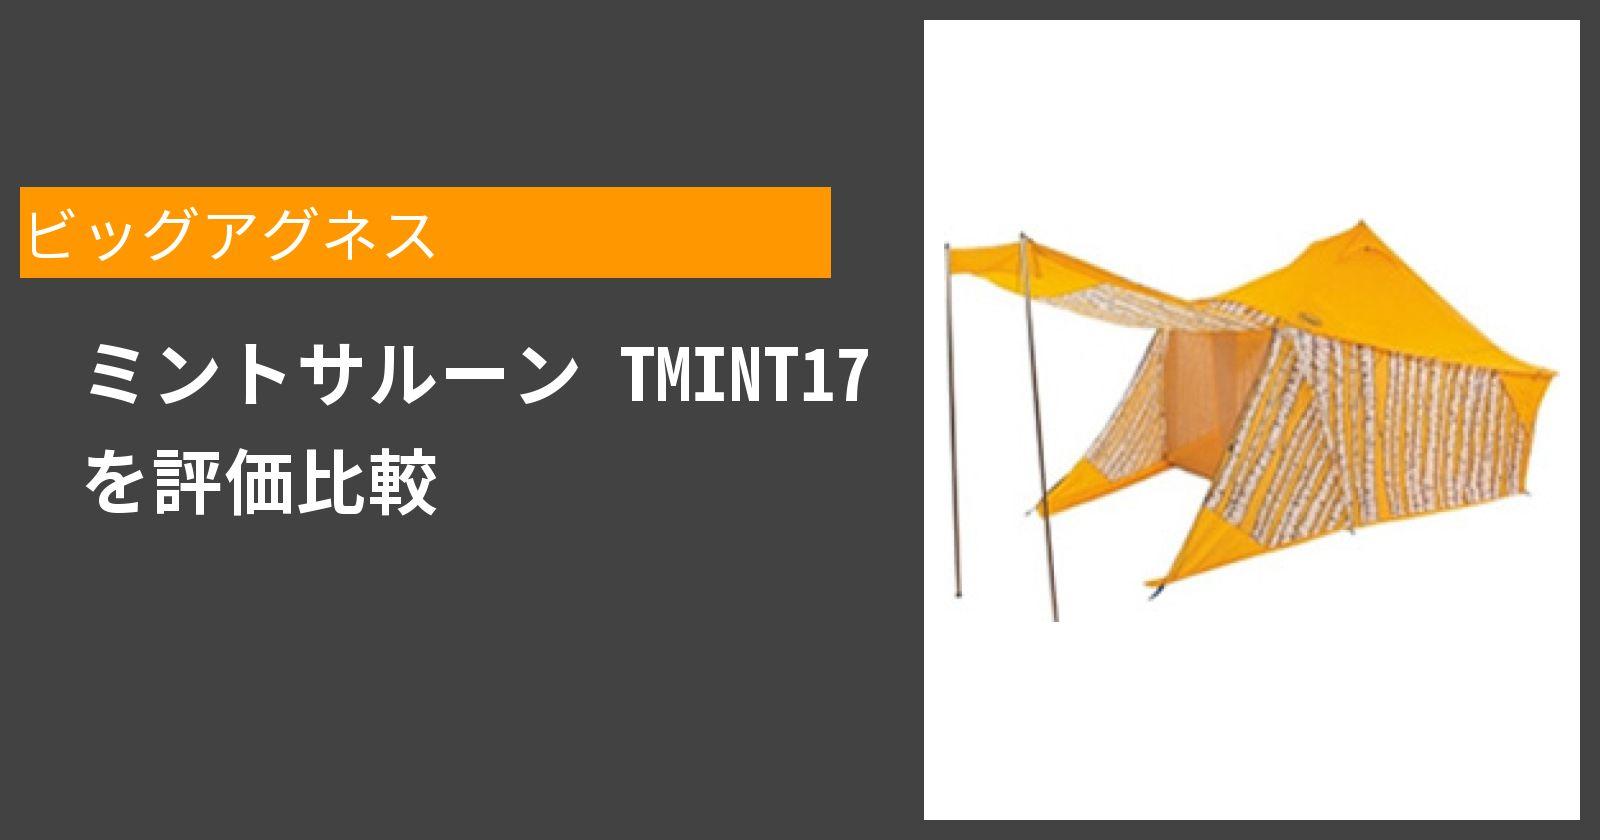 ミントサルーン TMINT17を徹底評価